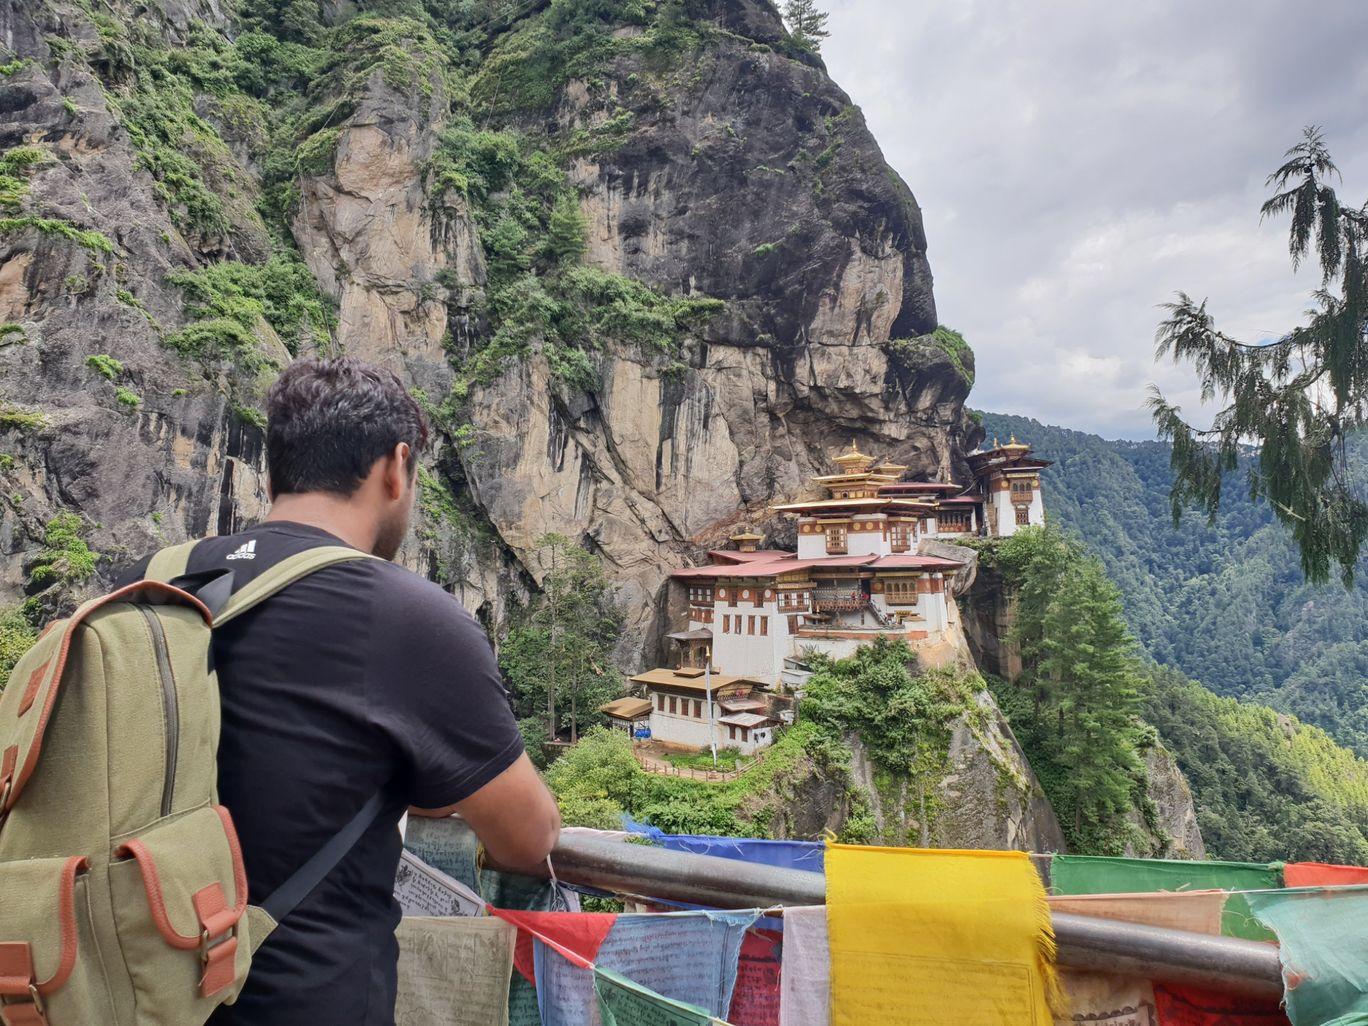 Photo of Bhutan By Deepak Mudgal